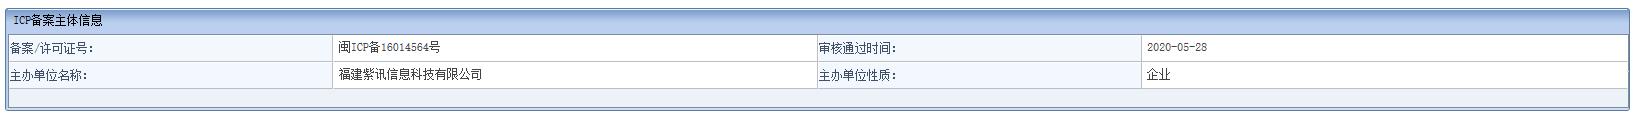 灵狐浏览器免费访问外网境外网站 跨境网络服务